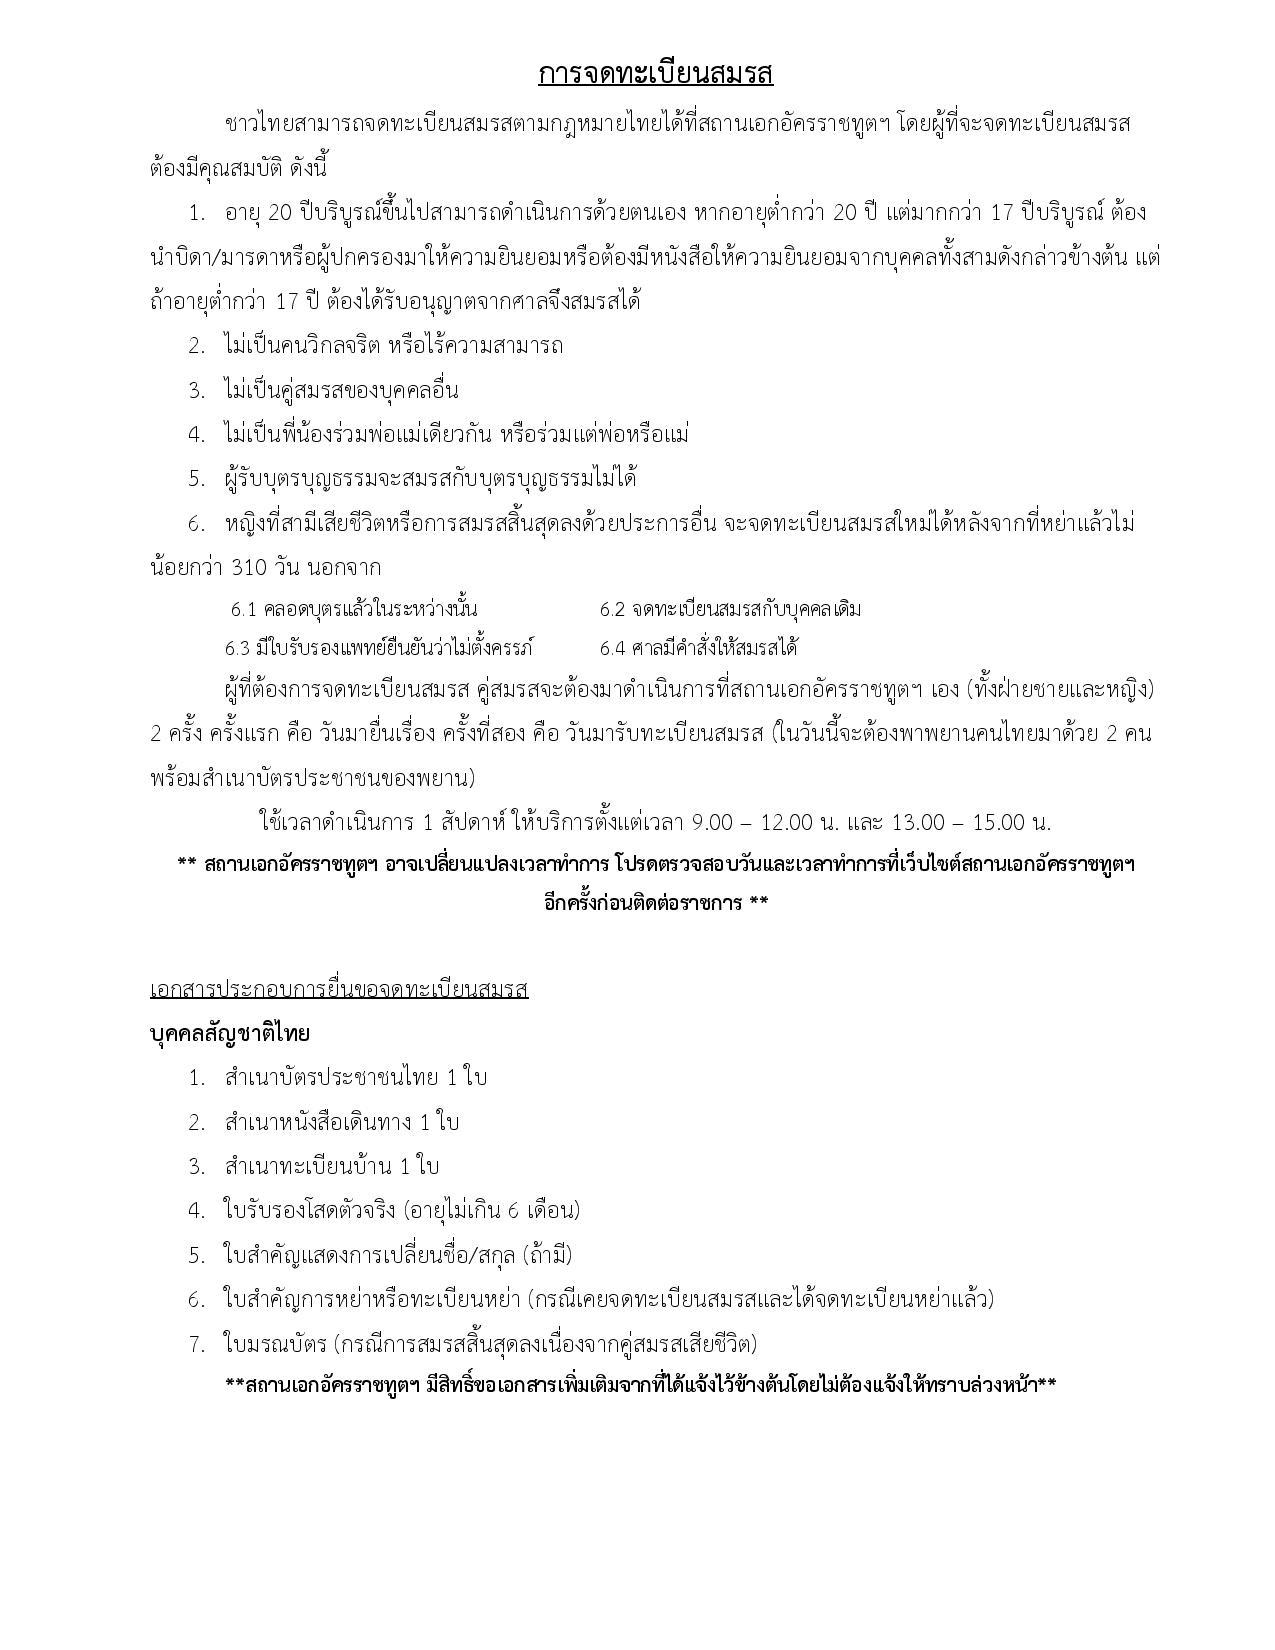 การจดทะเบียนสมรส_TH-KR-page-001